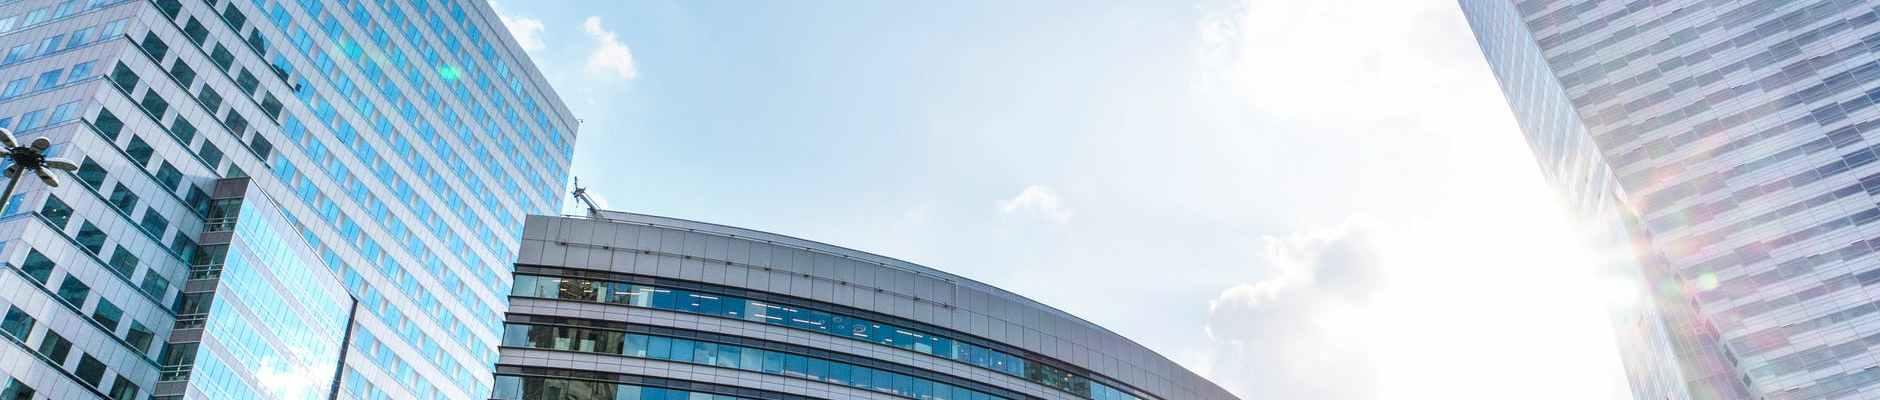 architectural design architecture bangkok blue